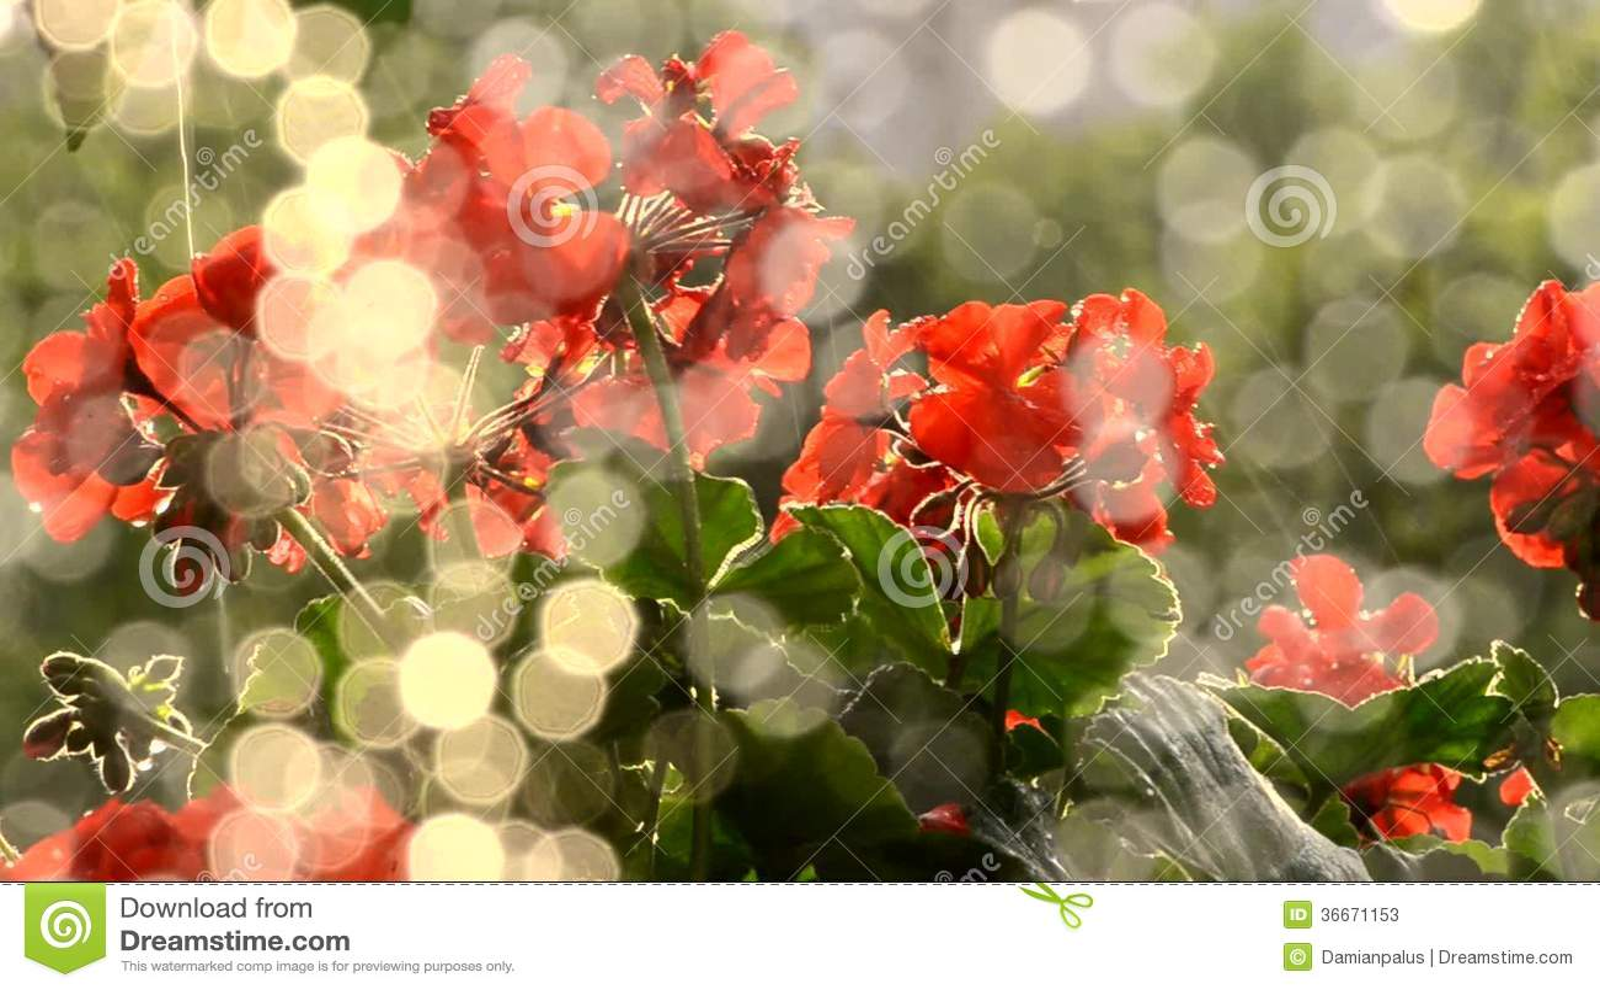 Rain Falling On Flowers